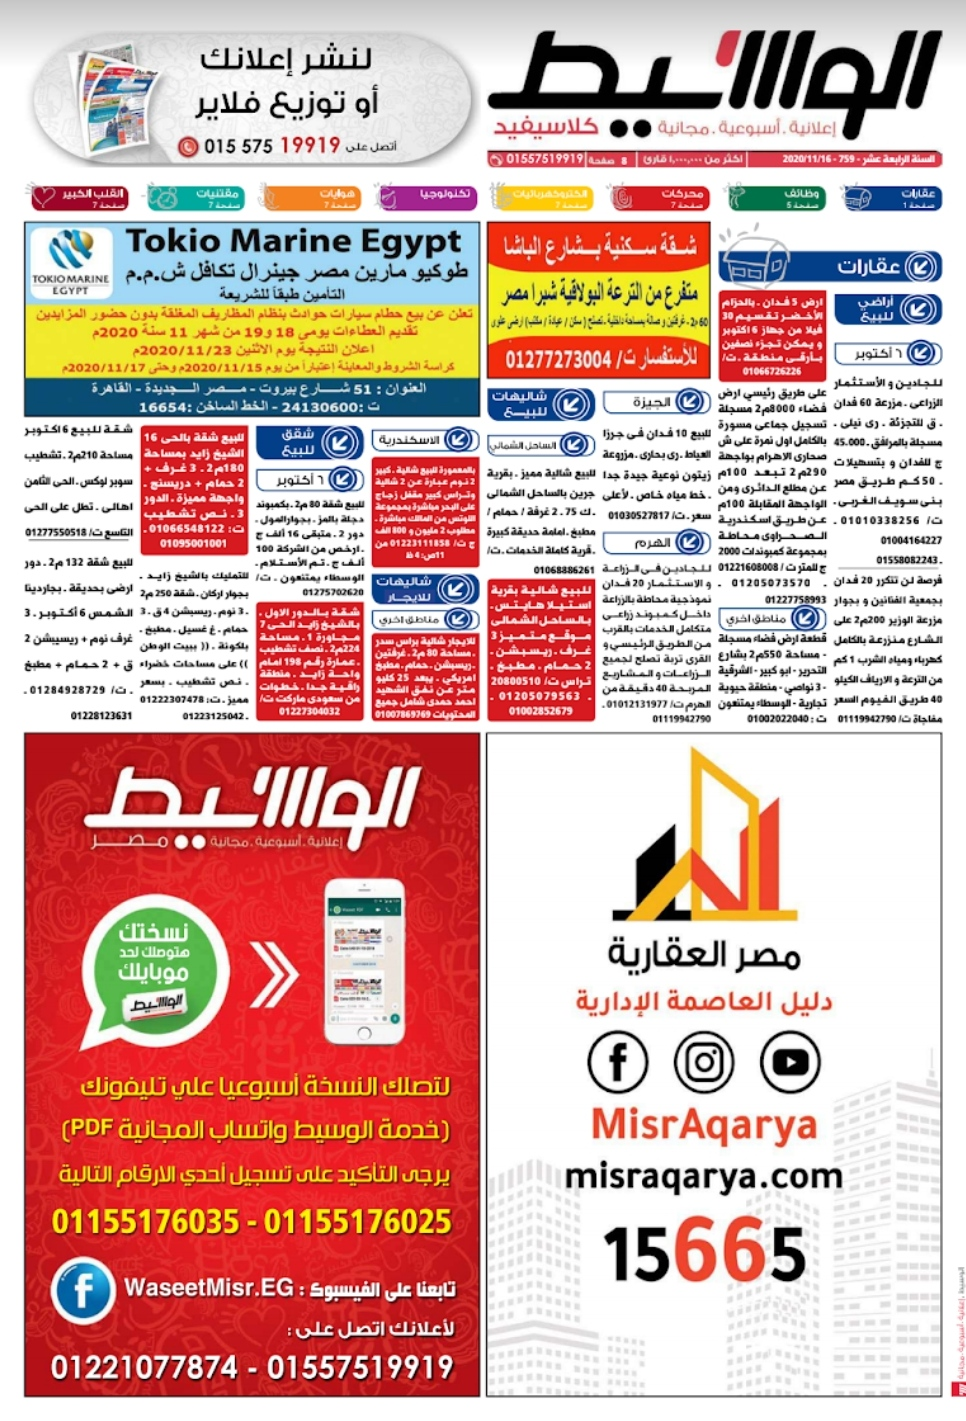 وظائف الوسيط و اعلانات مصر الاثنين 16 نوفمبر 2020